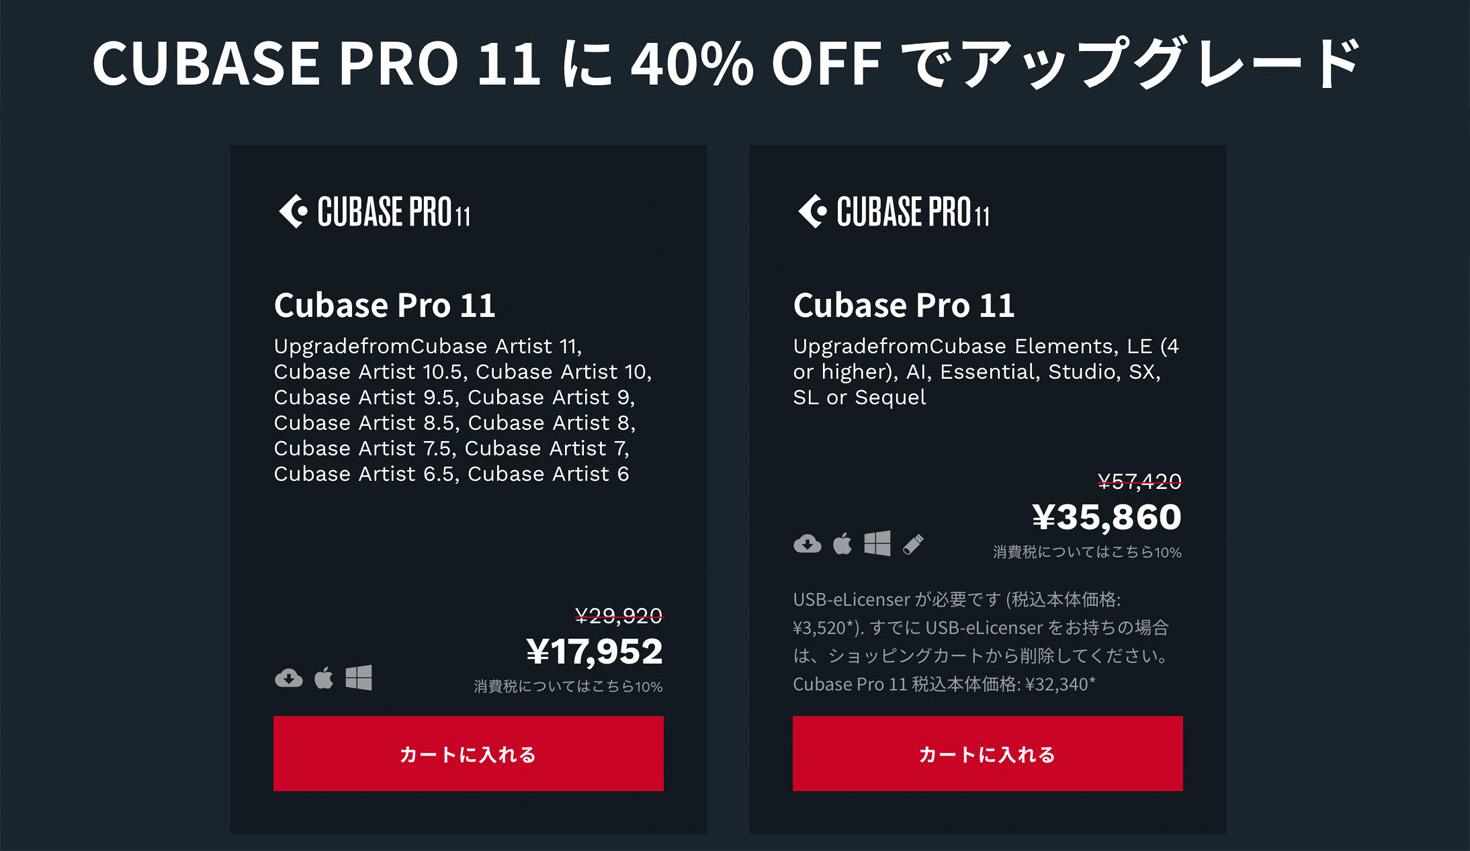 【40%OFF】Cubase Pro 11  へのアップグレードがセール中!